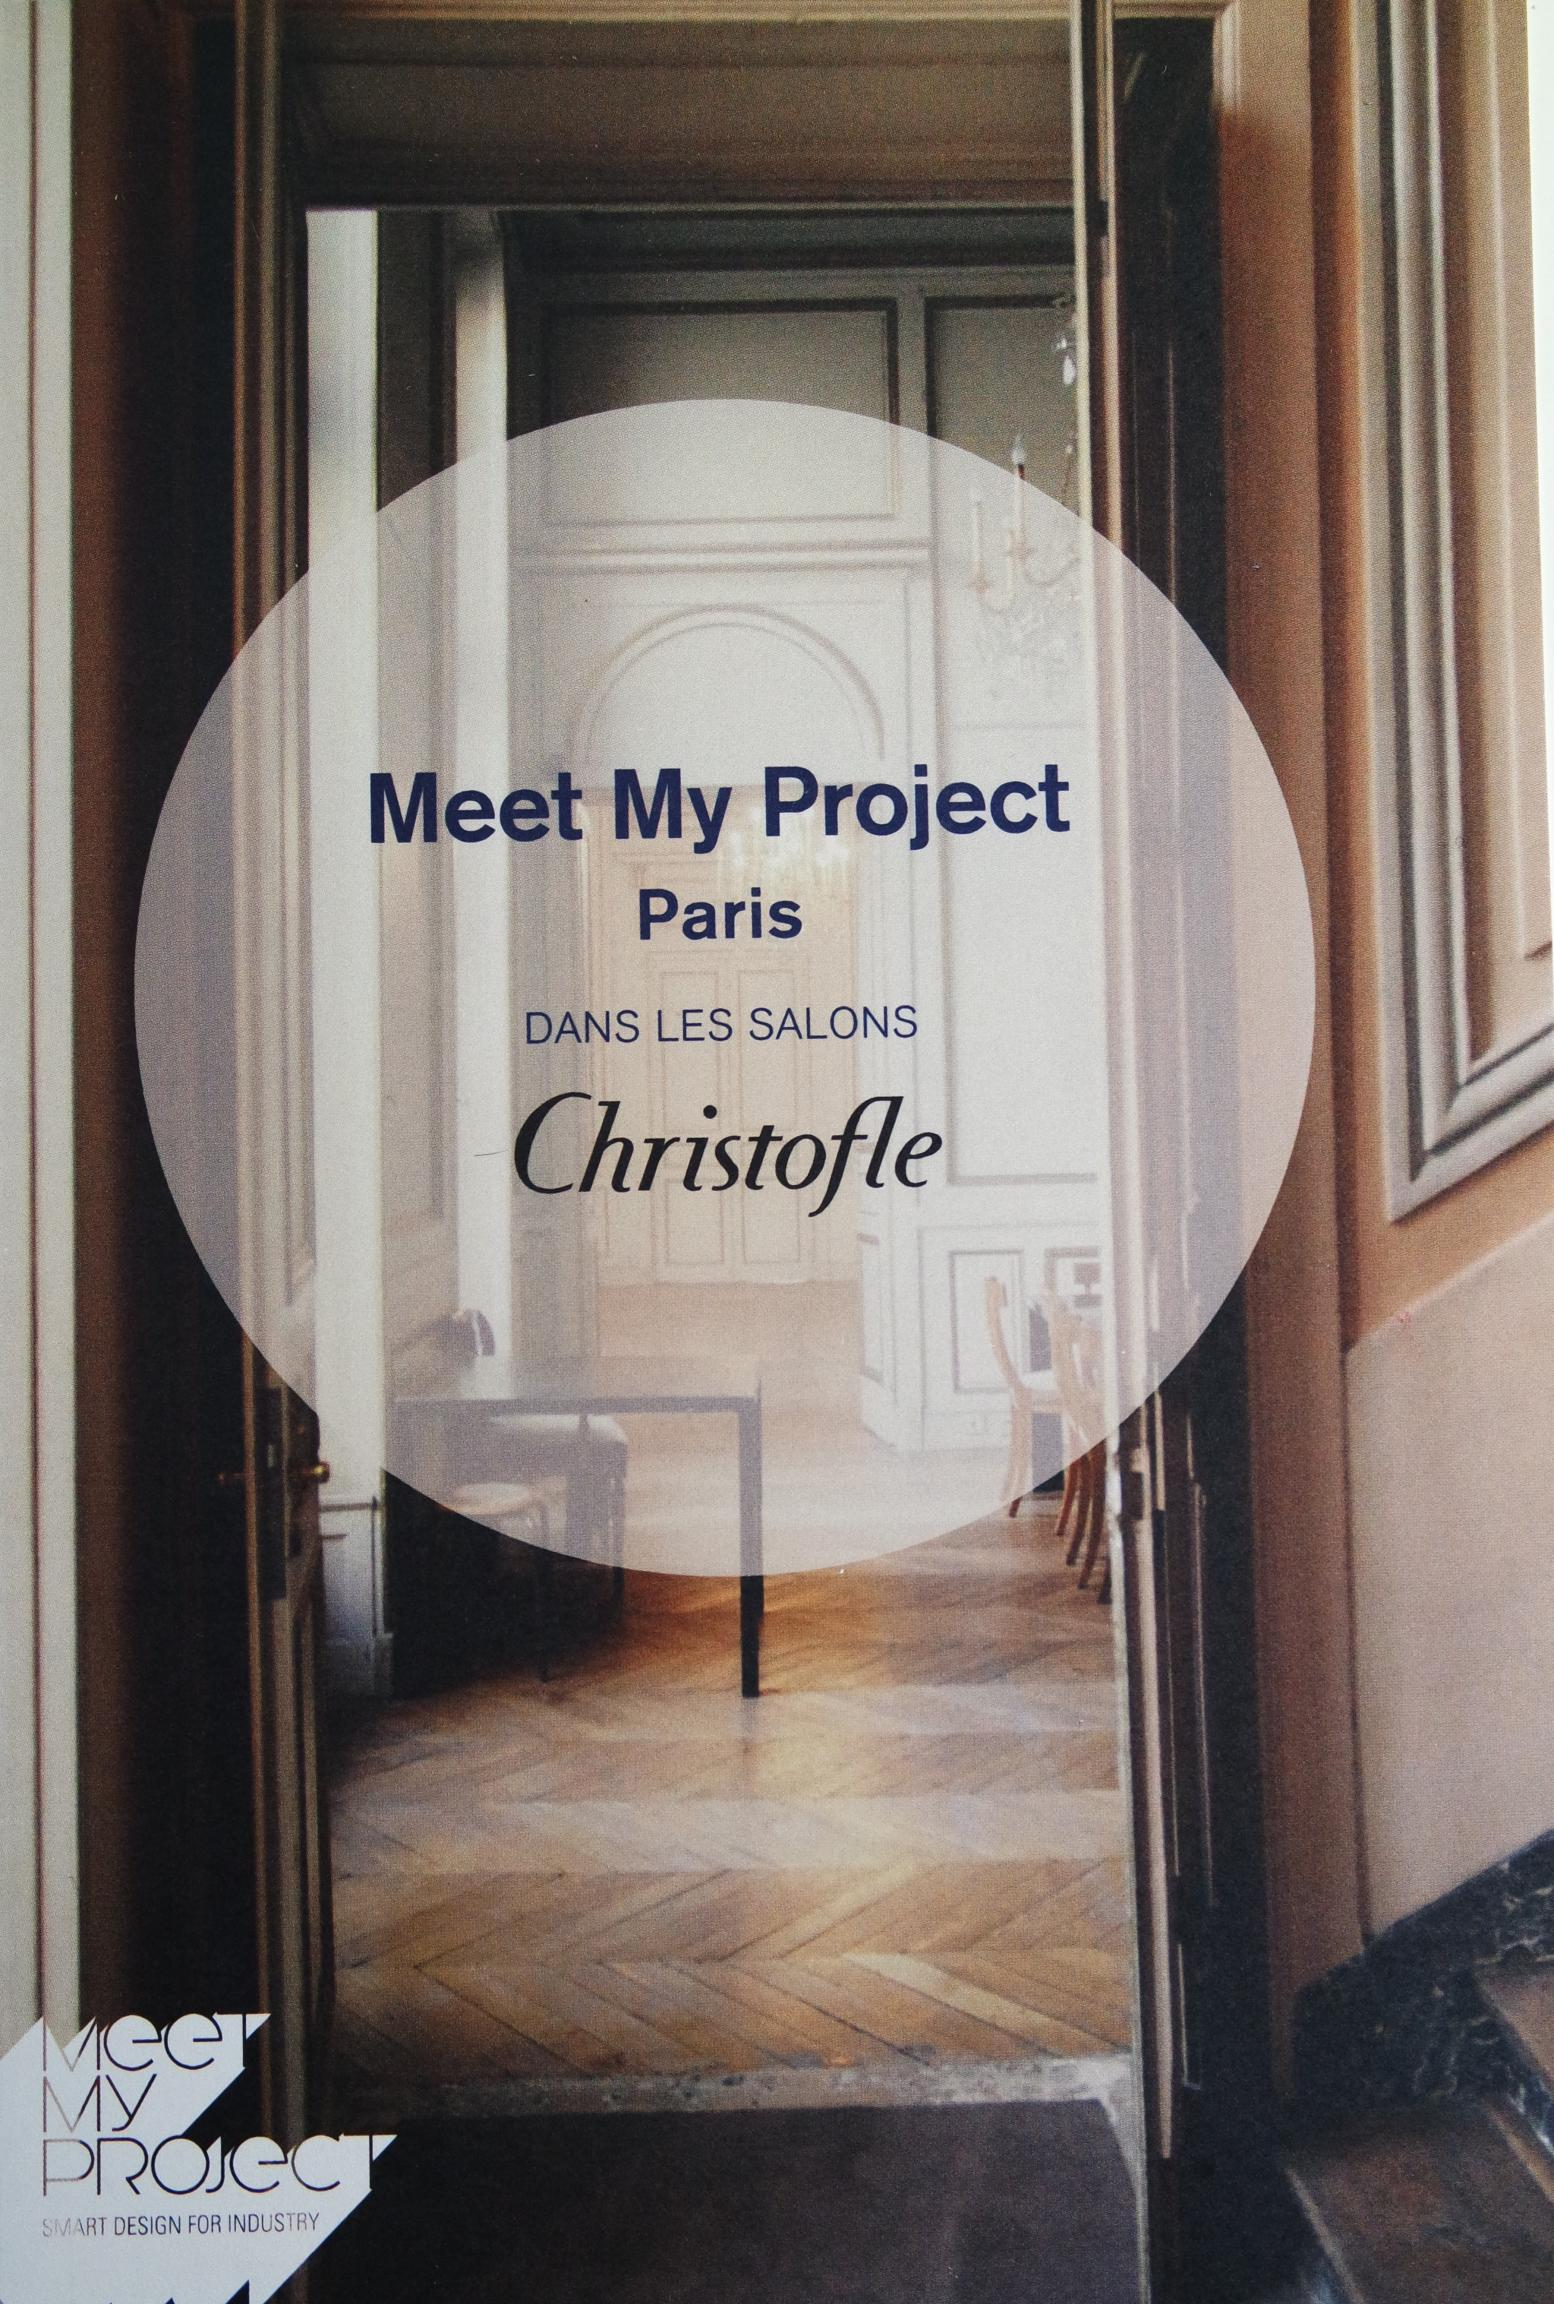 Actualité de Fabienne Saligue Maison FEY MEET MY PROJECT dans les salons CHRISTOFLE